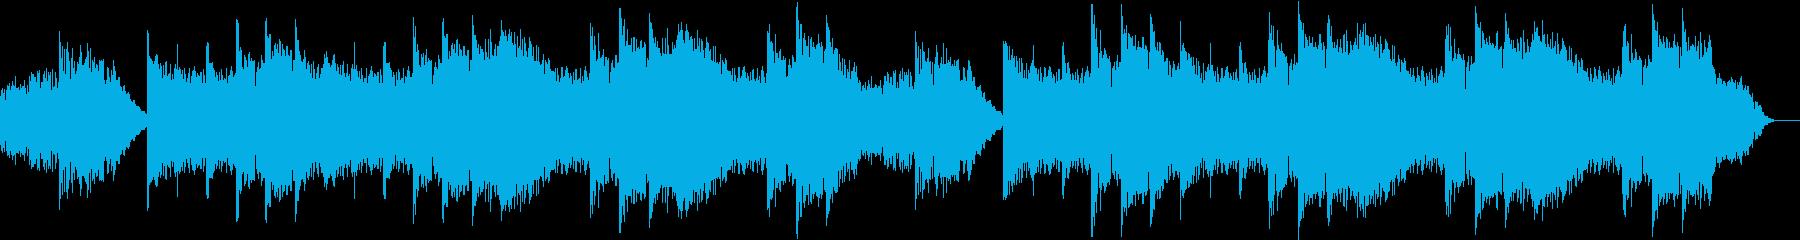 ヨガのBGMとして制作された安らぎ音楽の再生済みの波形